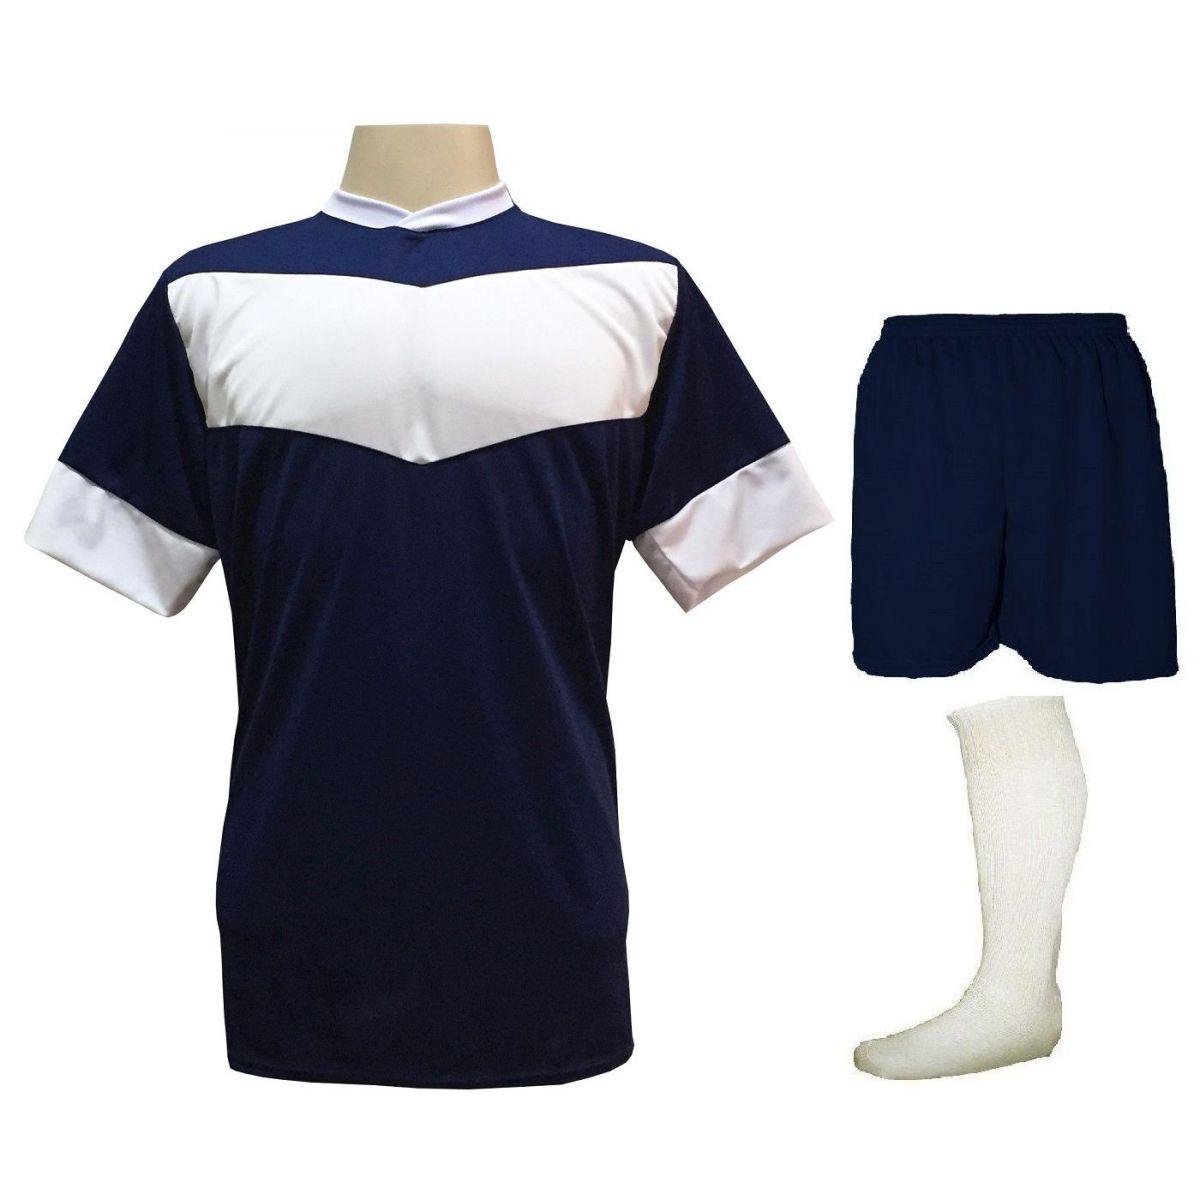 Fardamento Completo Modelo Columbus 18+1 (18 Camisas Marinho/Branco + 18 Calções Madrid Marinho + 18 Pares de Meiões Brancos + 1 Conjunto de Goleiro) + Brindes